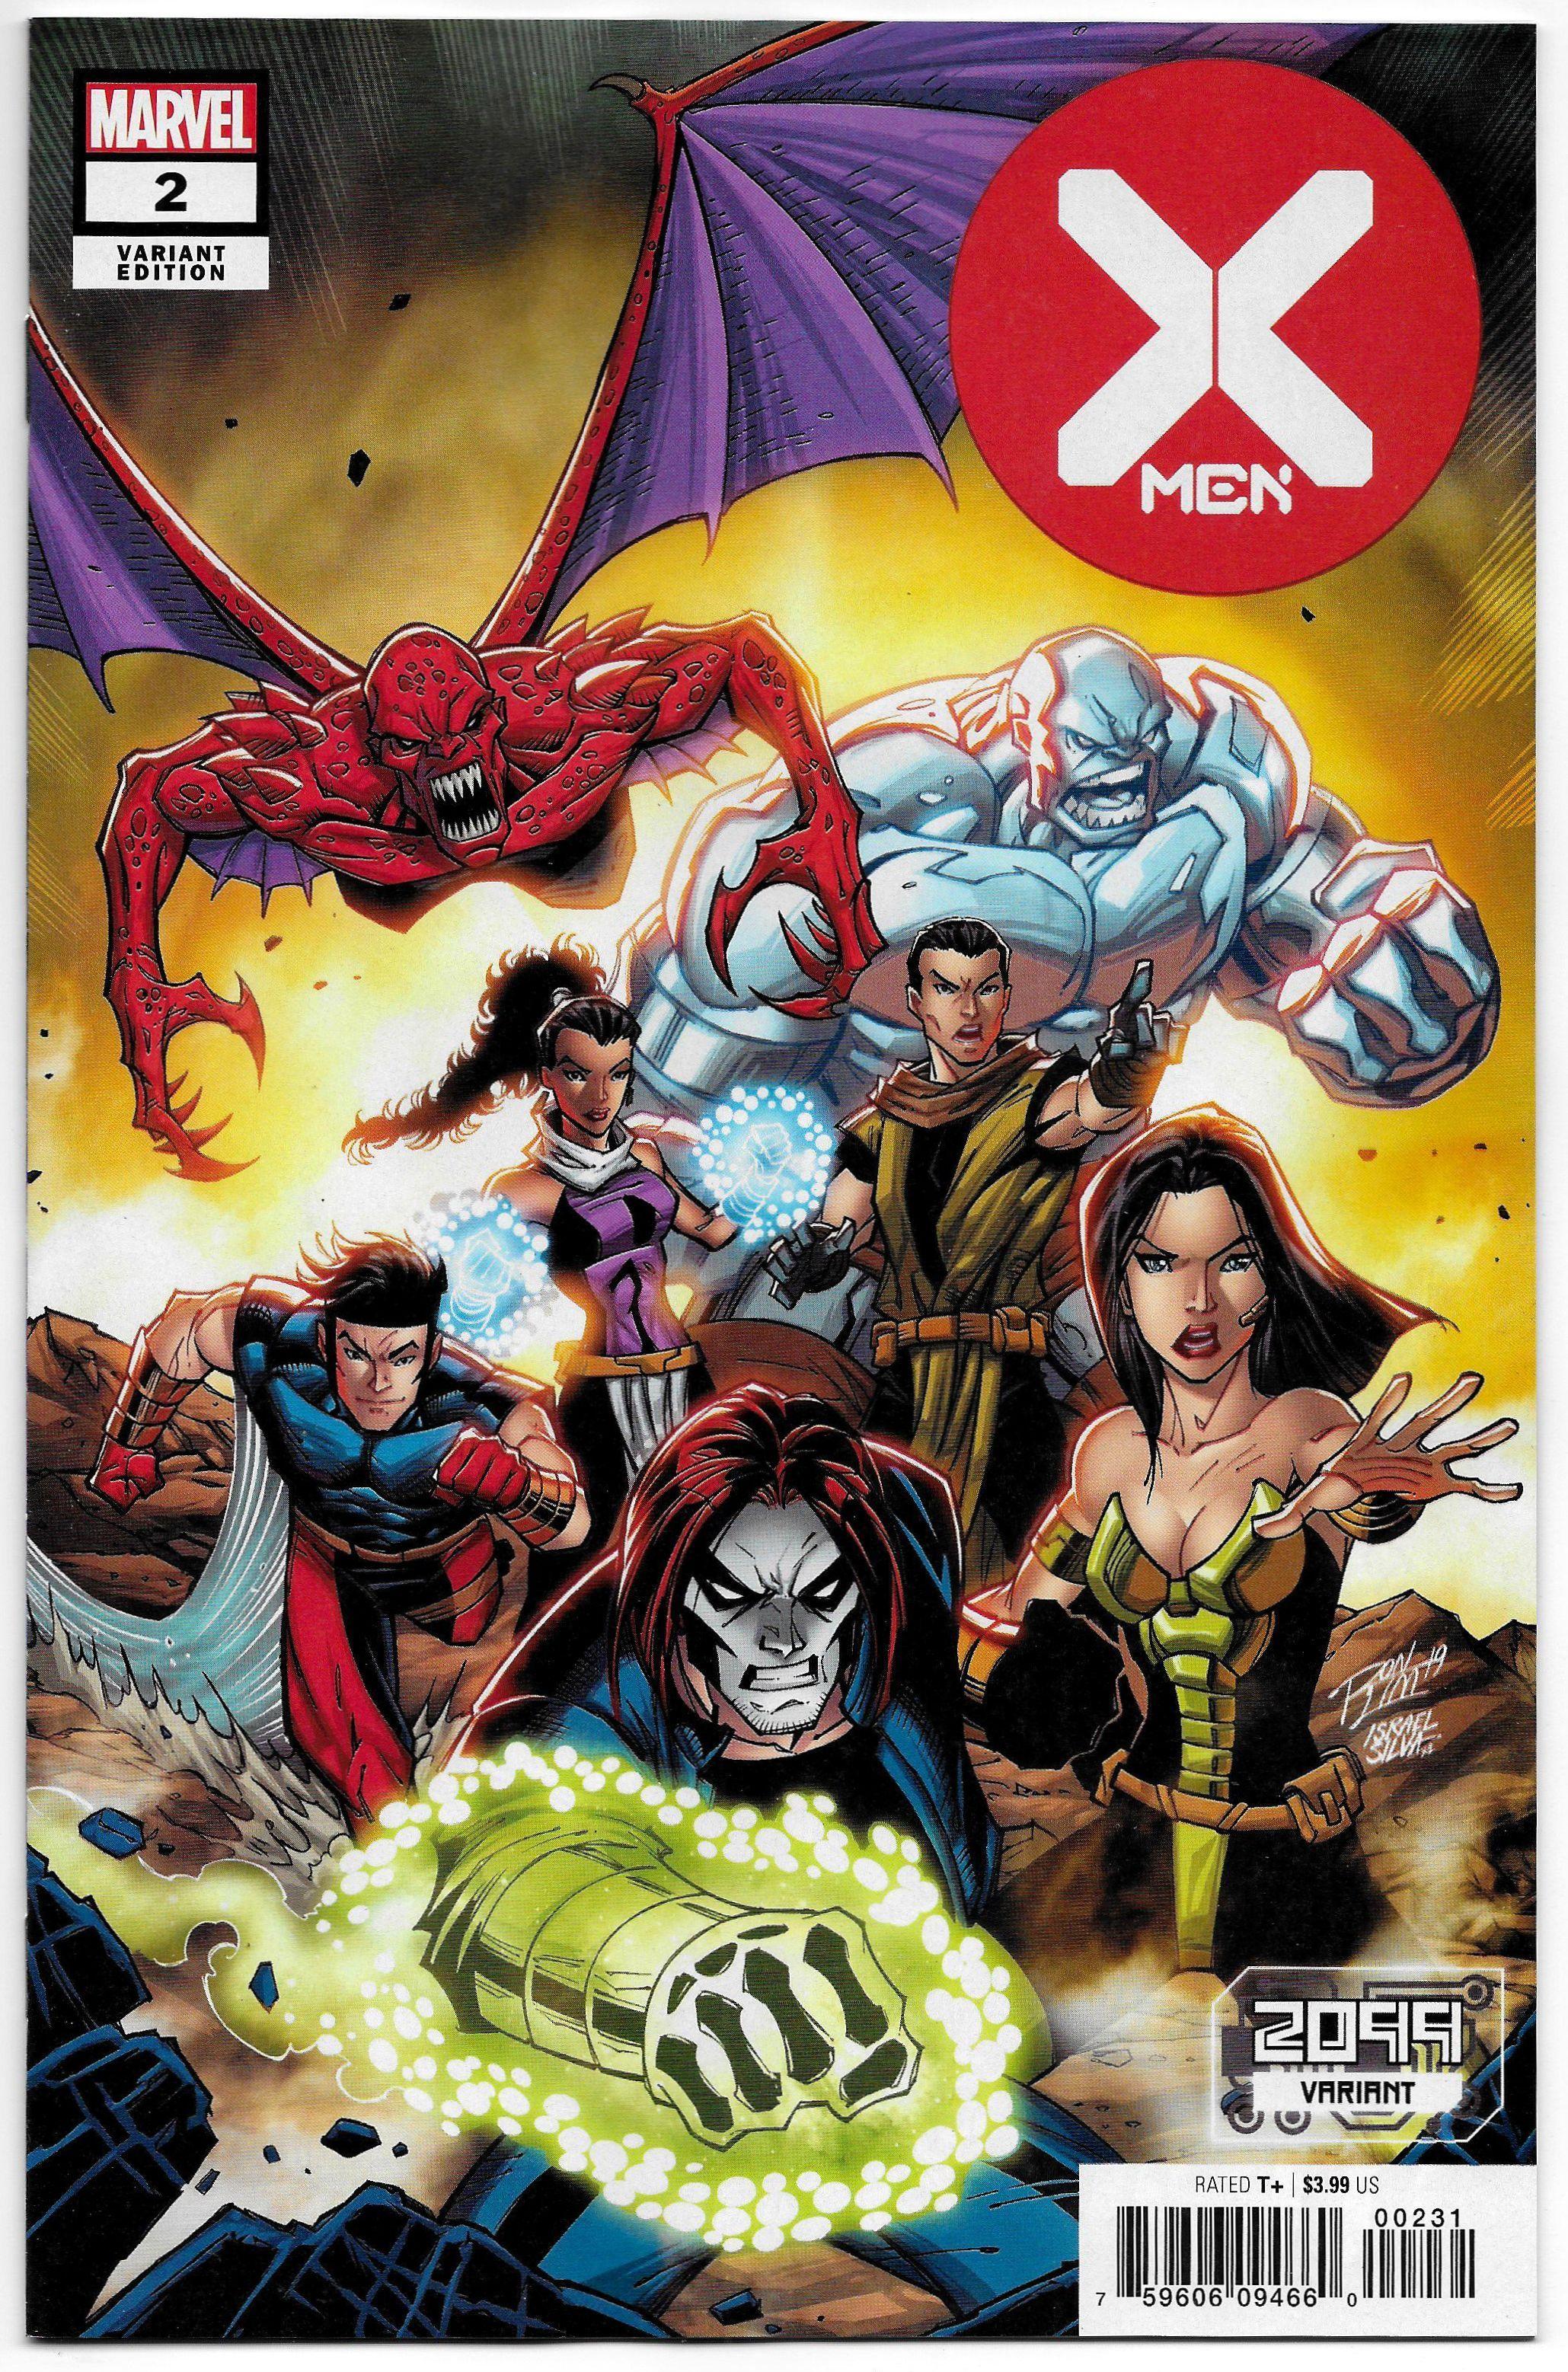 X Men 2 Lim 2099 Variant Marvel 2020 Nm Comics X Men Xmen Comics